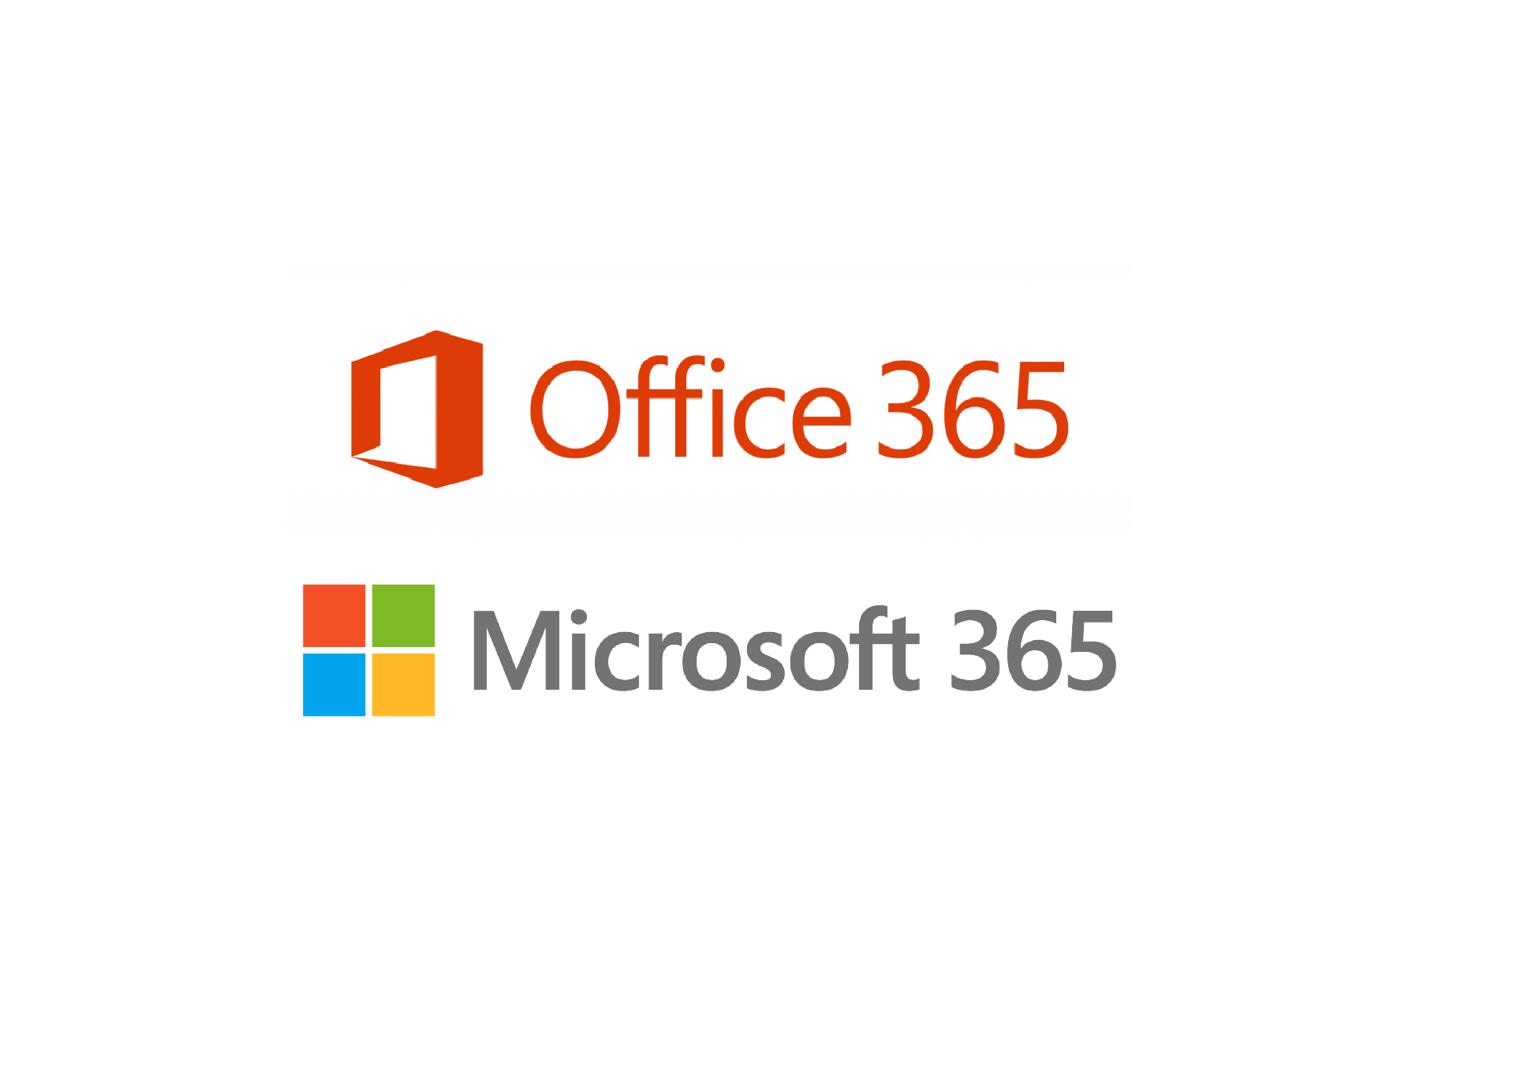 365 オフィス Microsoft 365とは?メリットやデメリットを解説